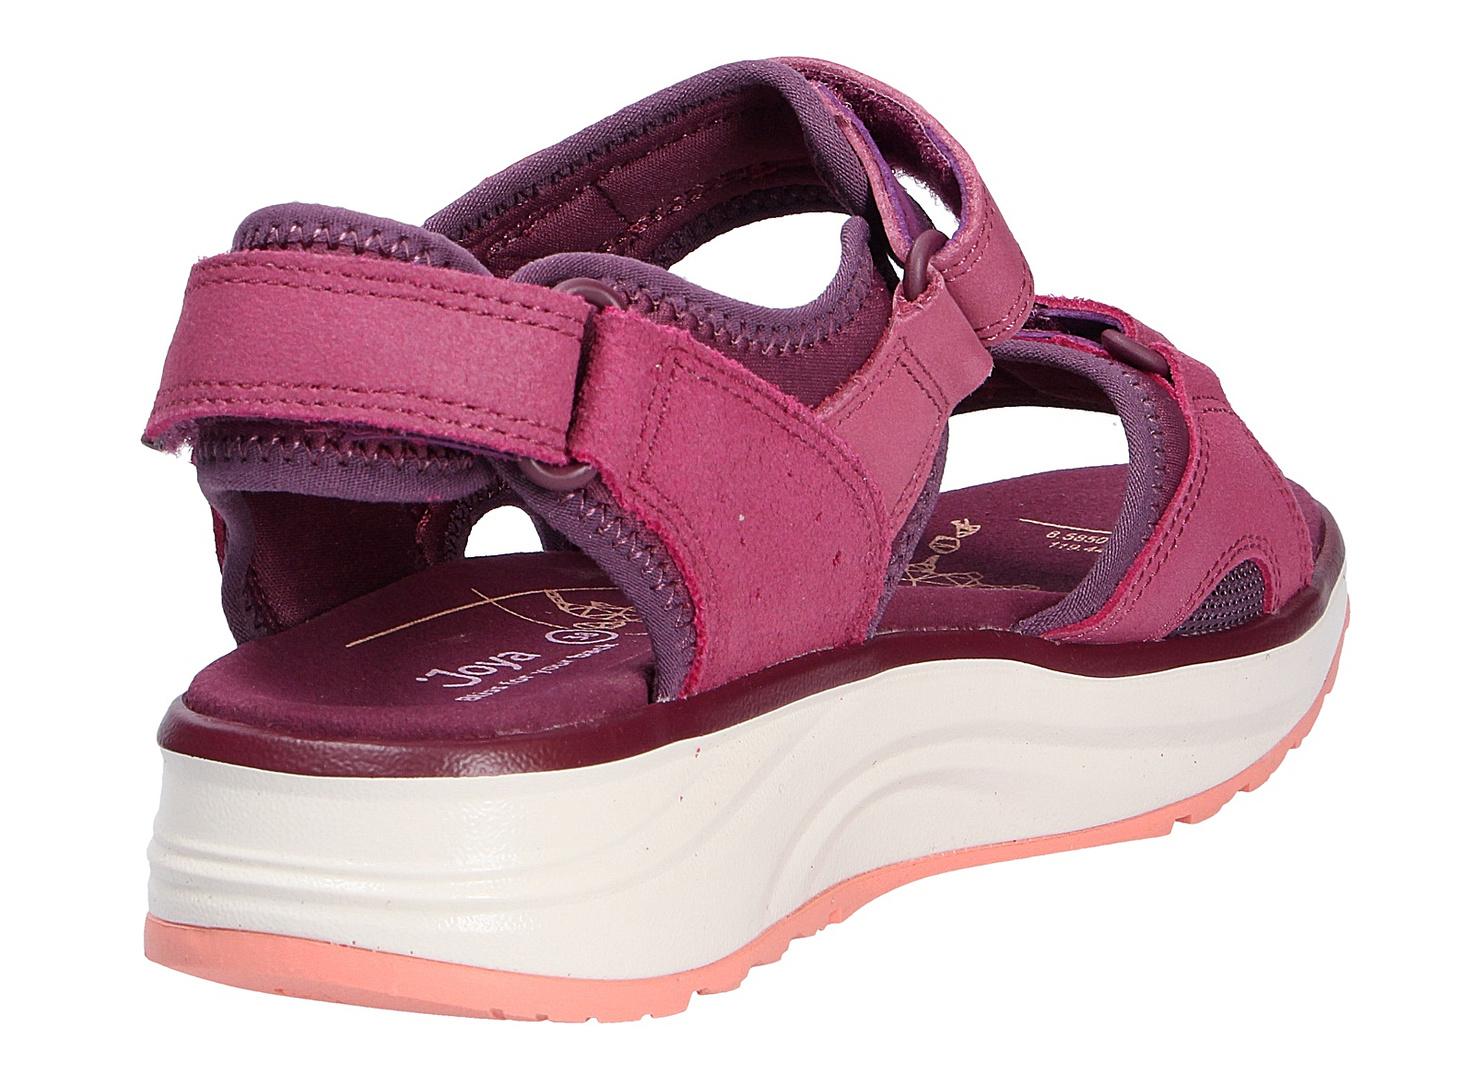 Joya Damen Sandale | Damen | JOYA NEUE KOLLEKTION | Dufner